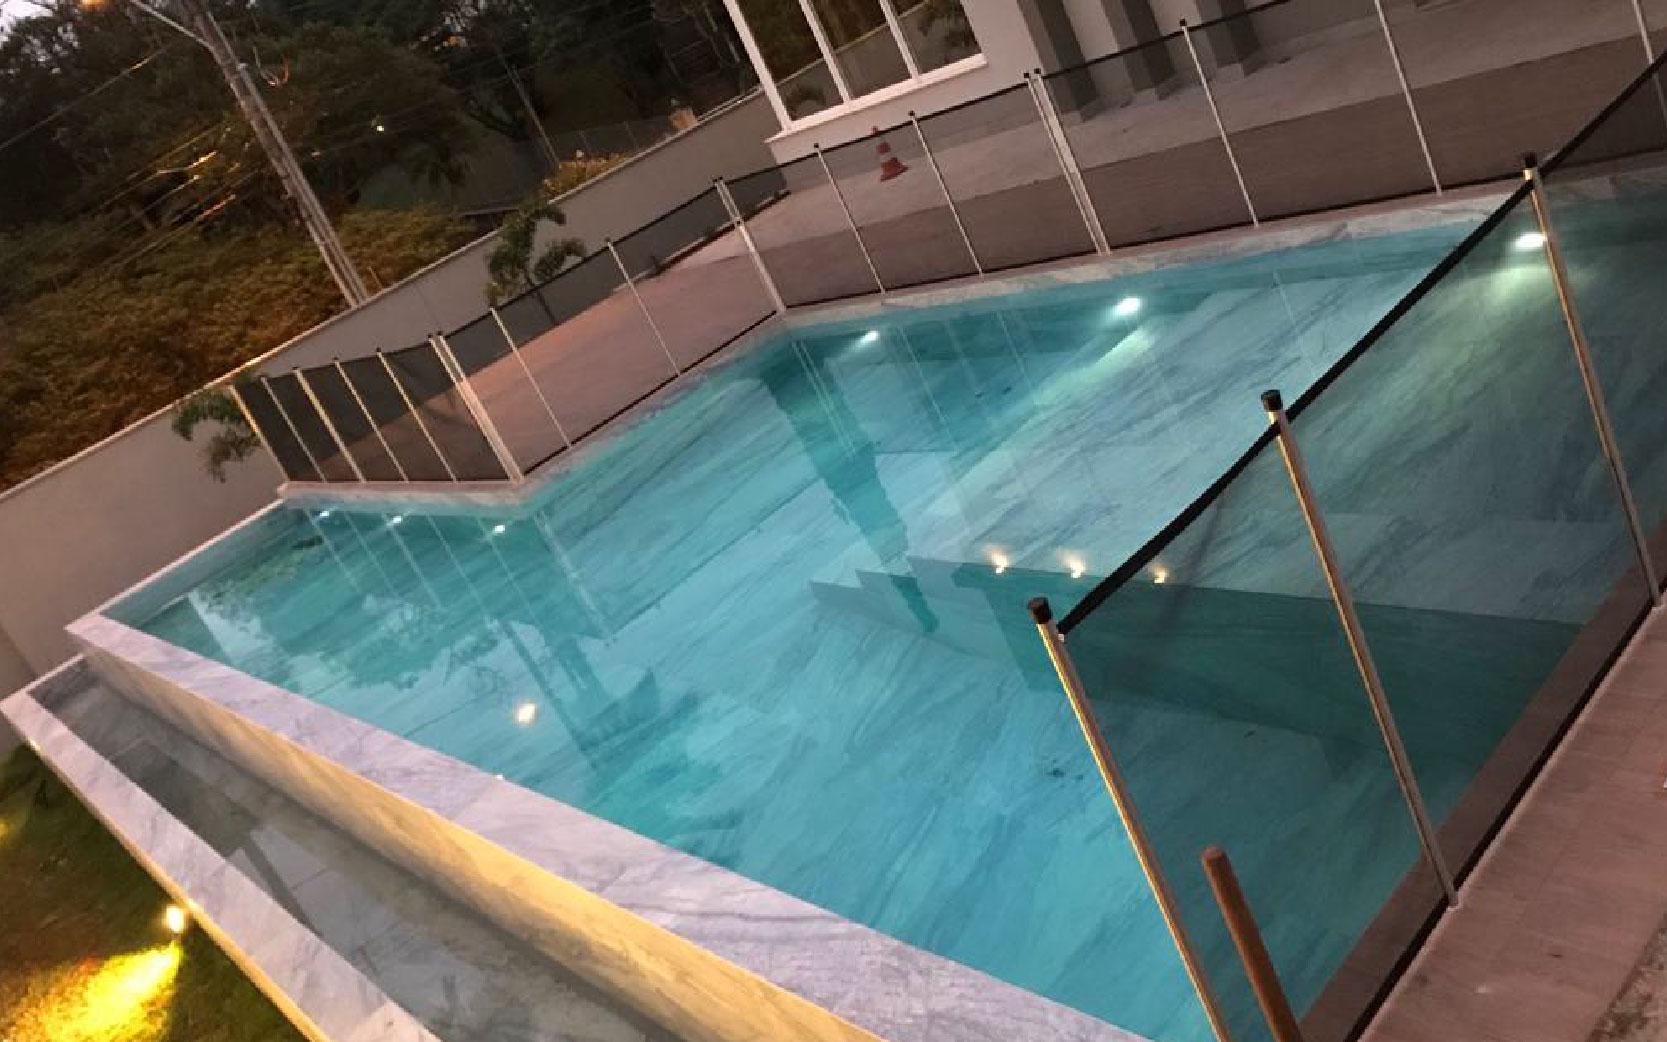 cerca_segurança_piscina-01